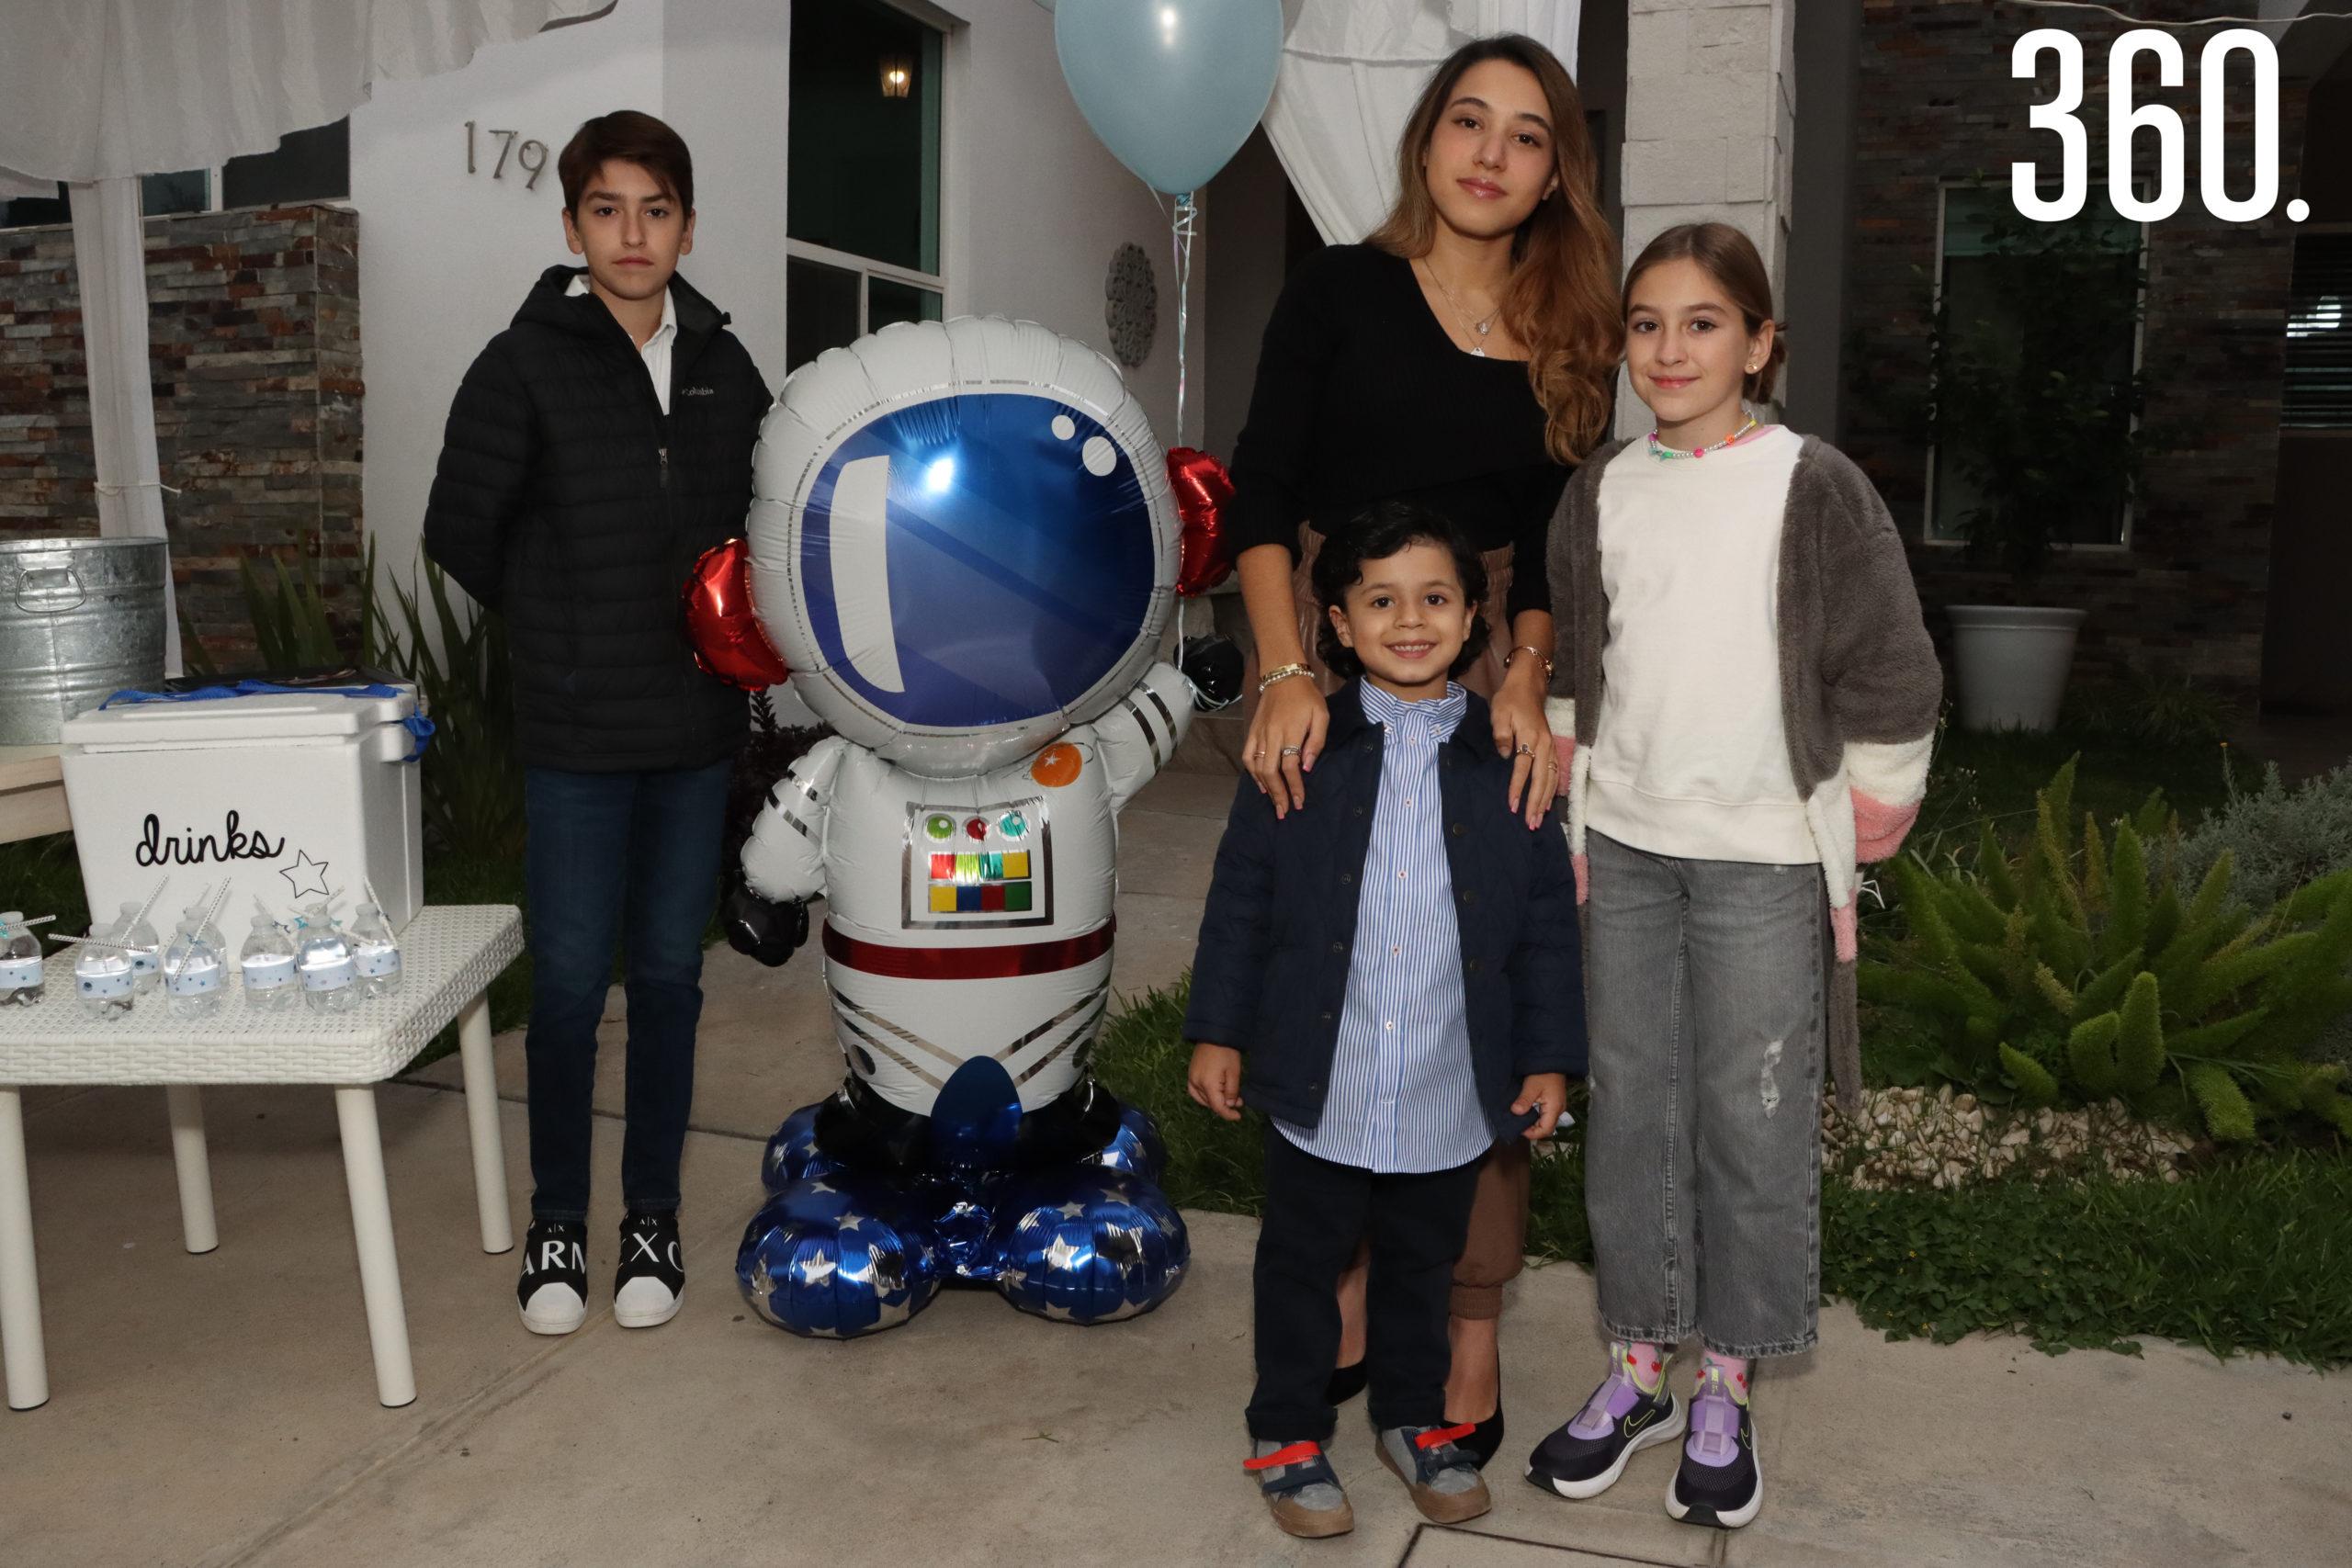 El festejado con su hermana Valentina Neira, y sus primos Alejandro y Roberta Veyan.